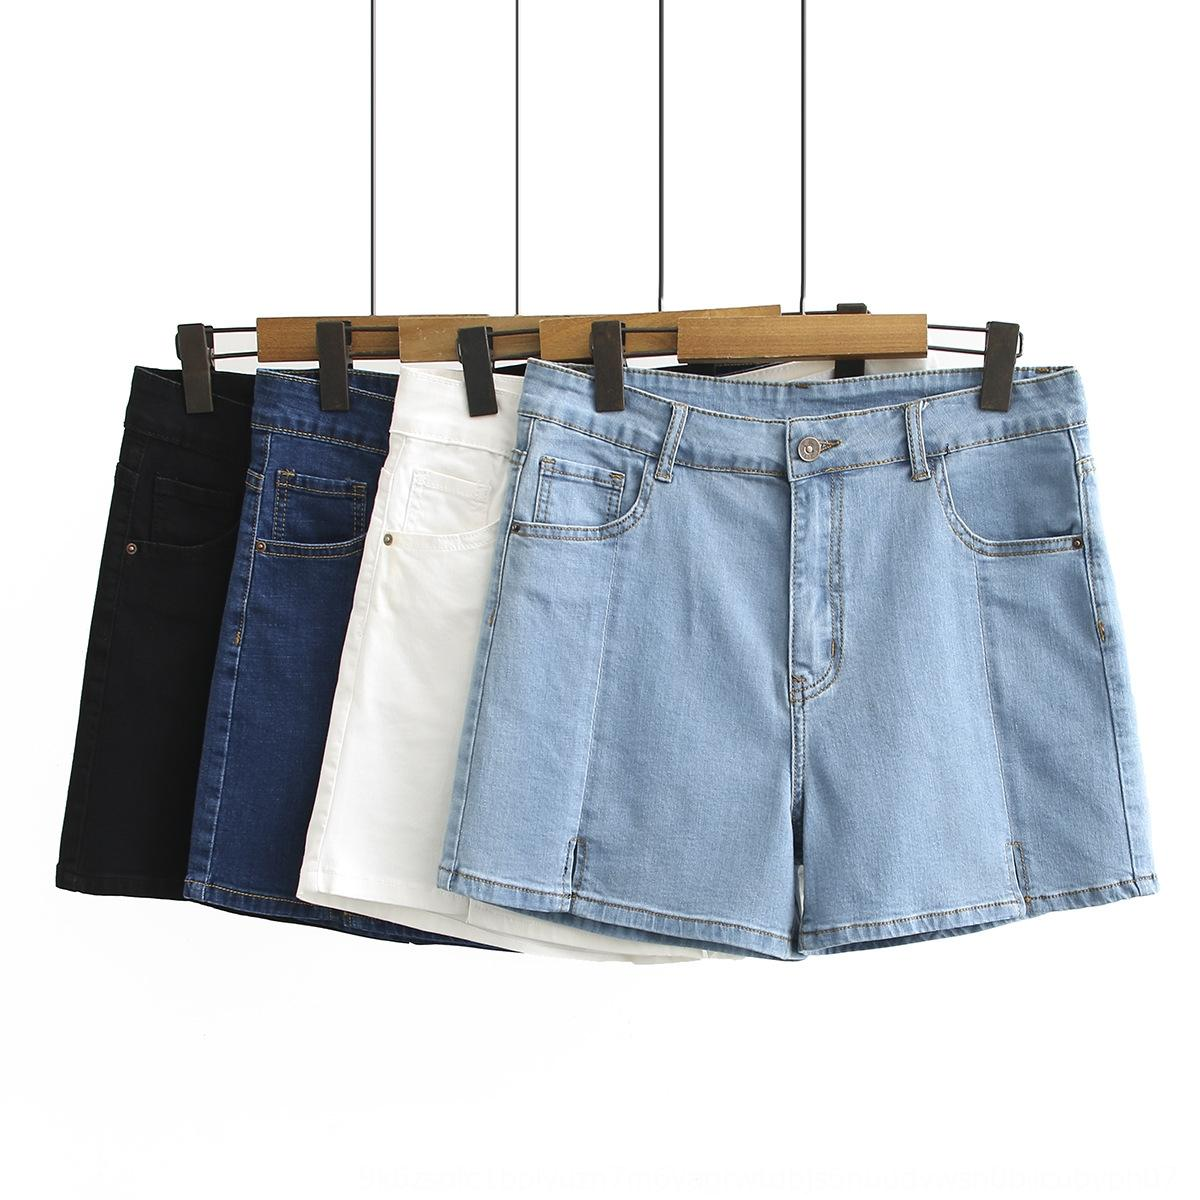 vqZ1i tamanho grande Shorts verão das mulheres hot pants calções de cintura alta wide forma de uma perna calças quentes gordura mm solto emagrecimento denim novos 28209